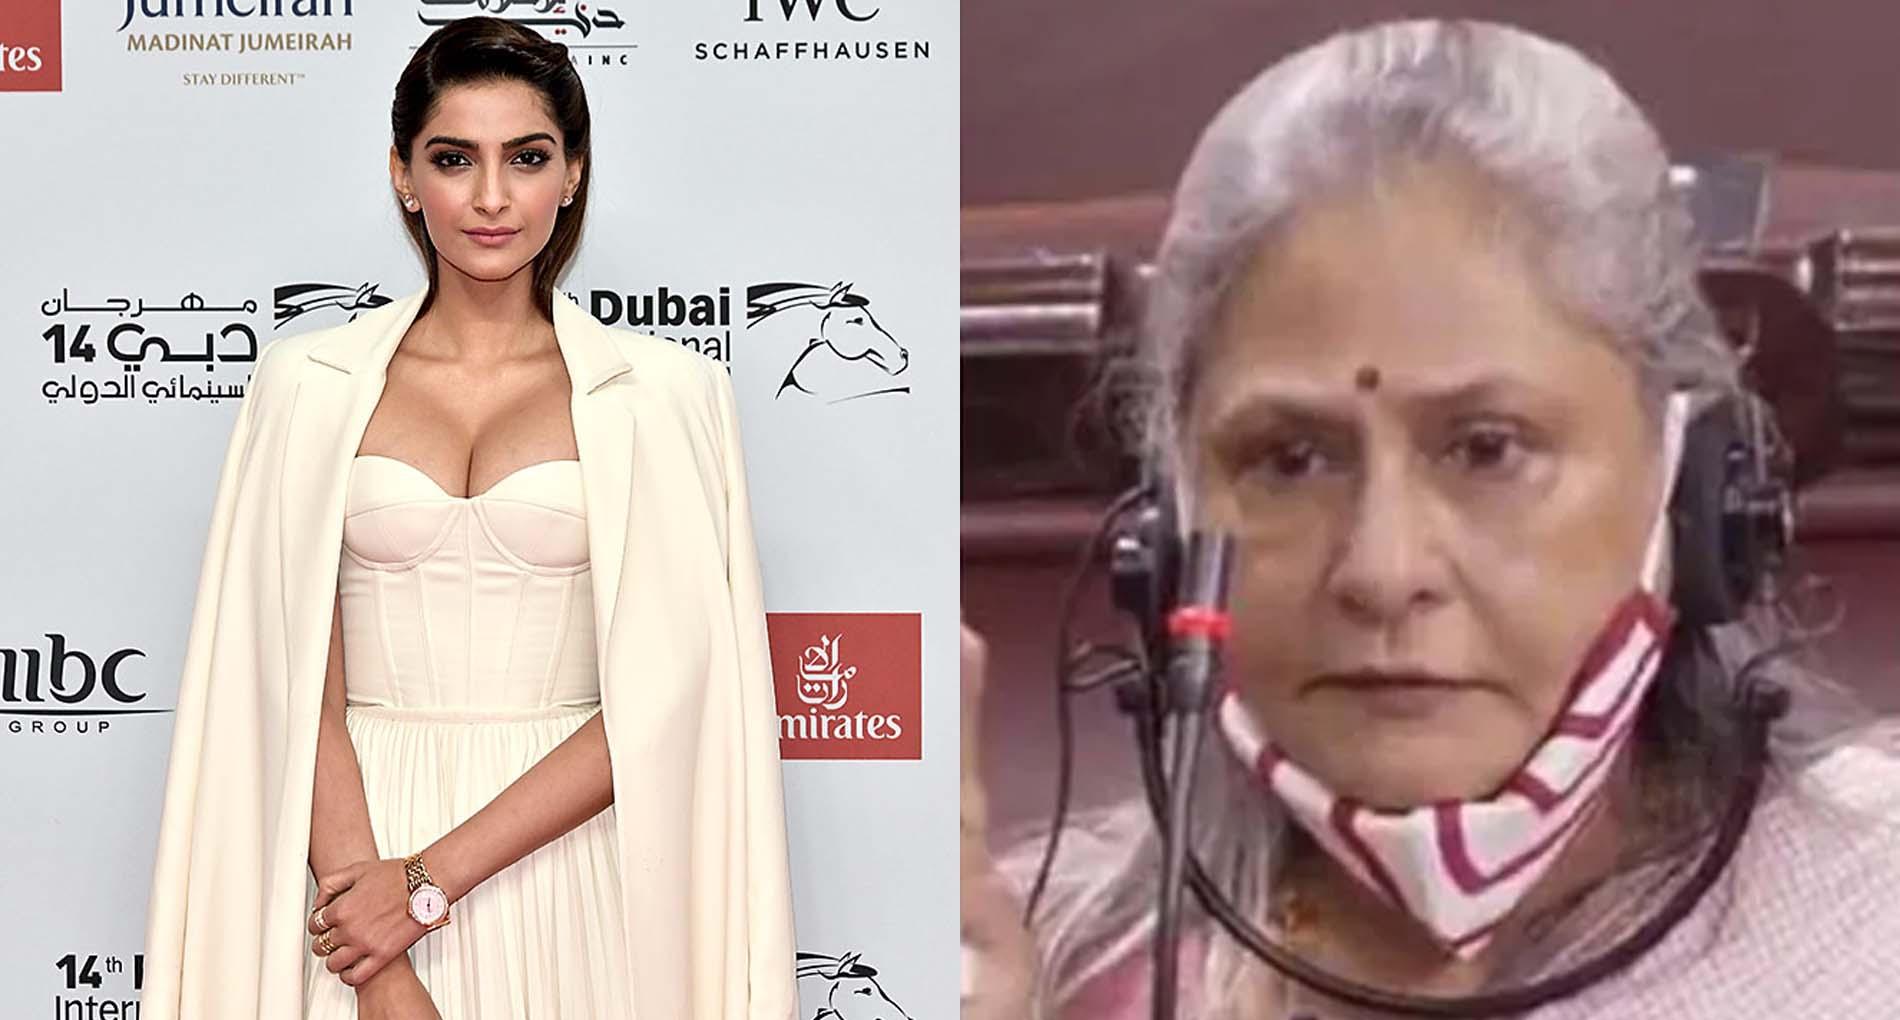 जया बच्चन के बयान पर सोनम कपूर का ट्वीट, यूजर्स ने उड़ाया मजाक, कहा- बेटा तुम कभी बड़ी नहीं होगी